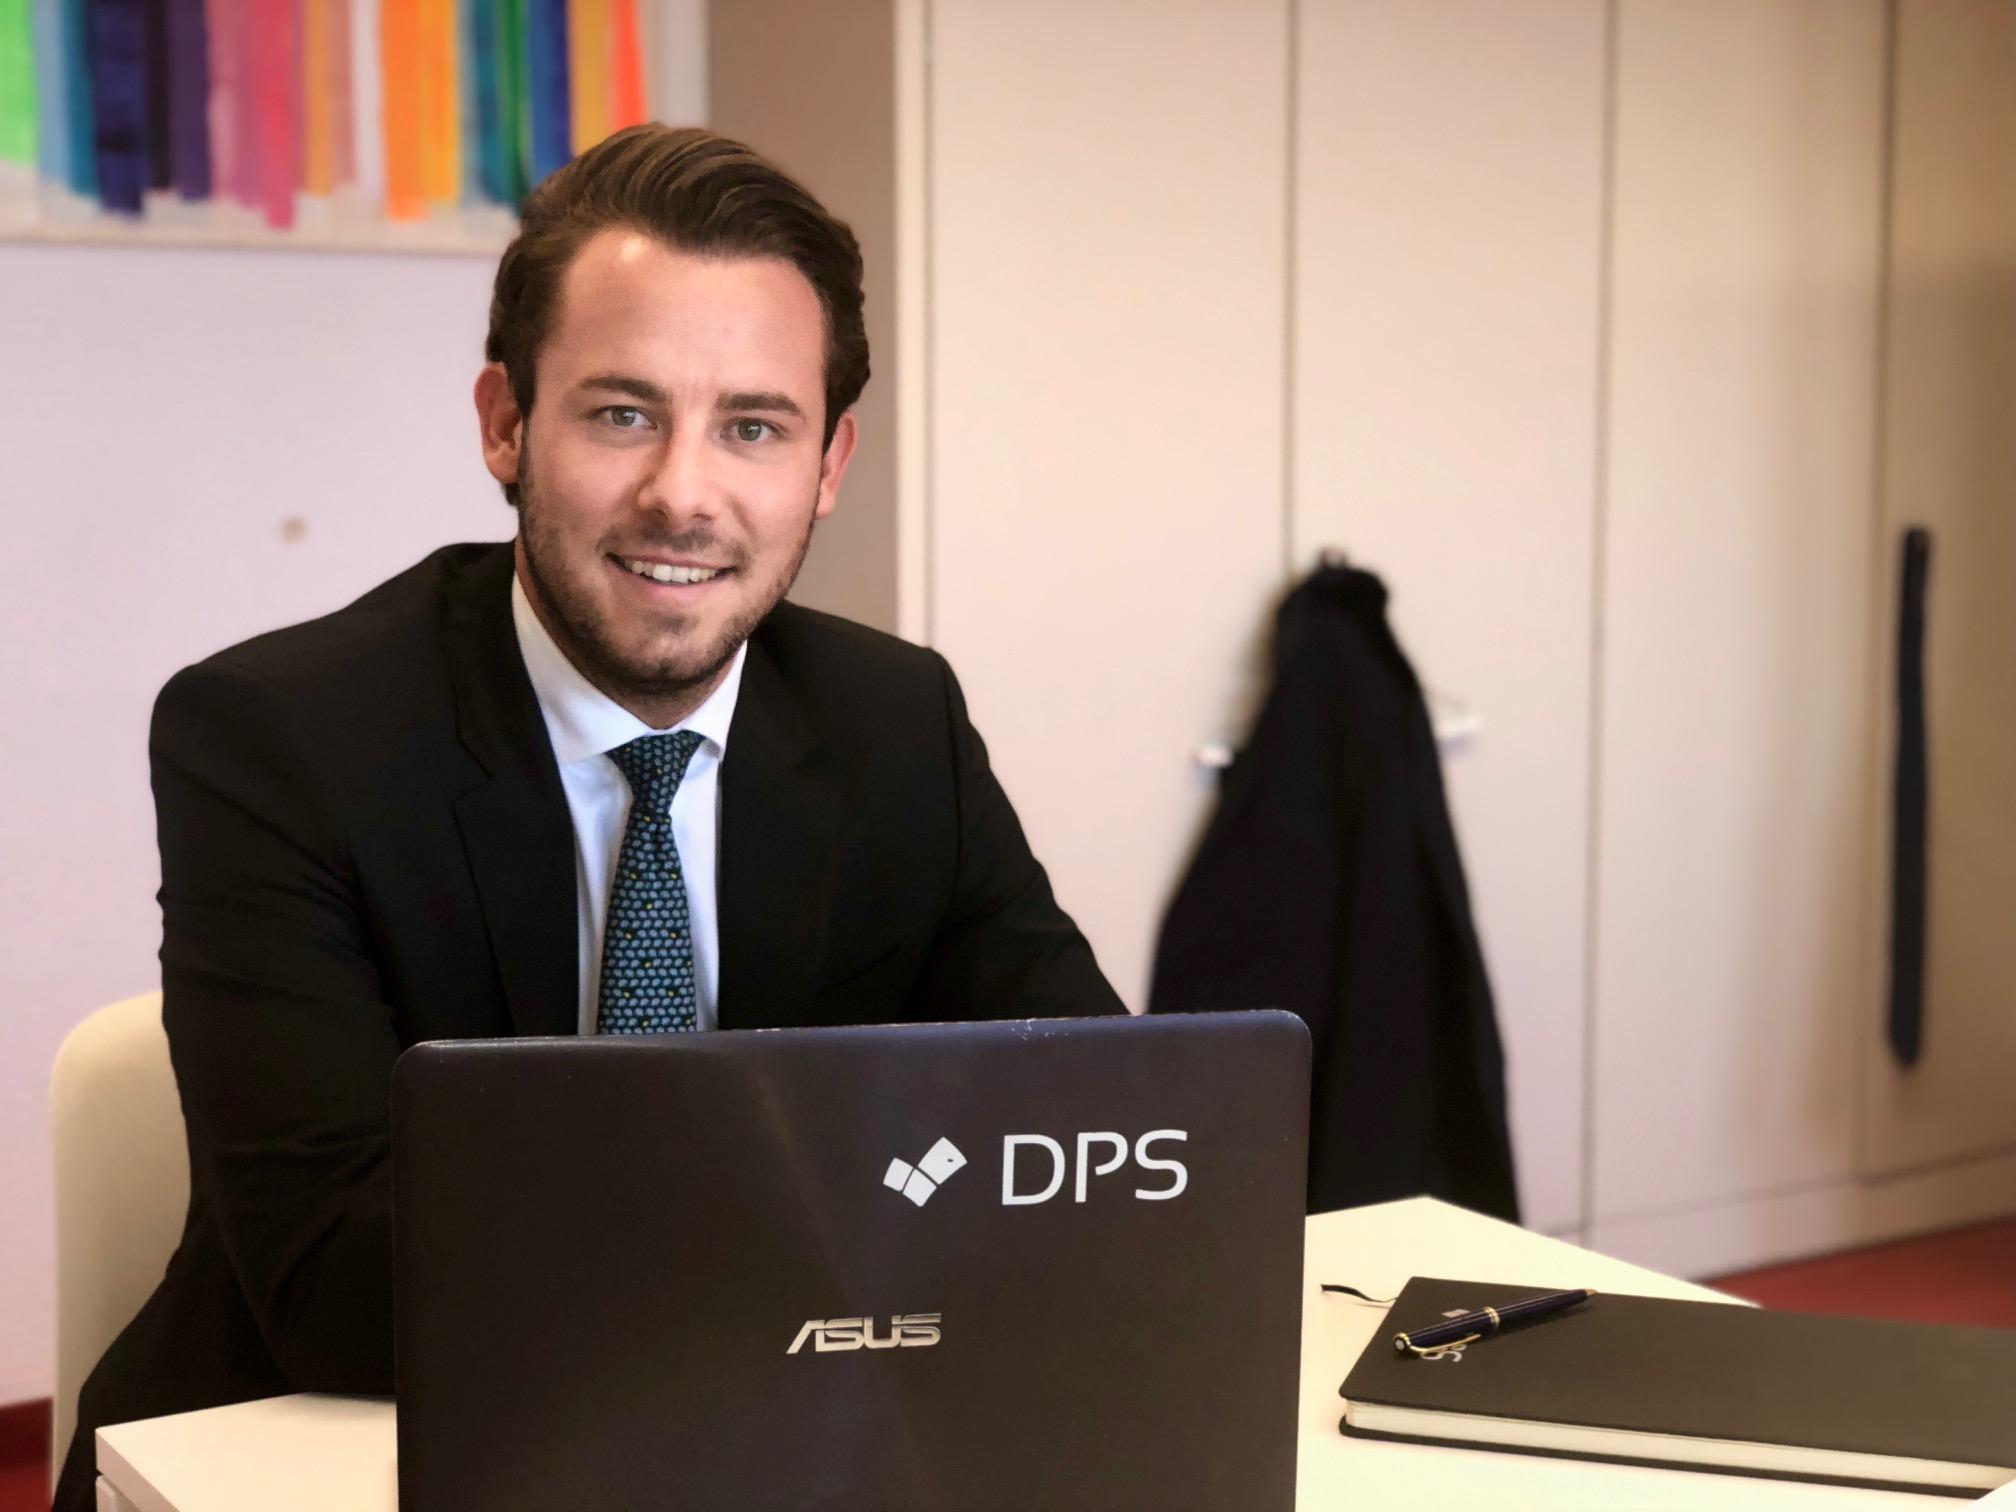 Sebastian-Graf-von-Einsiedel-Vertriebsleiter-DPS